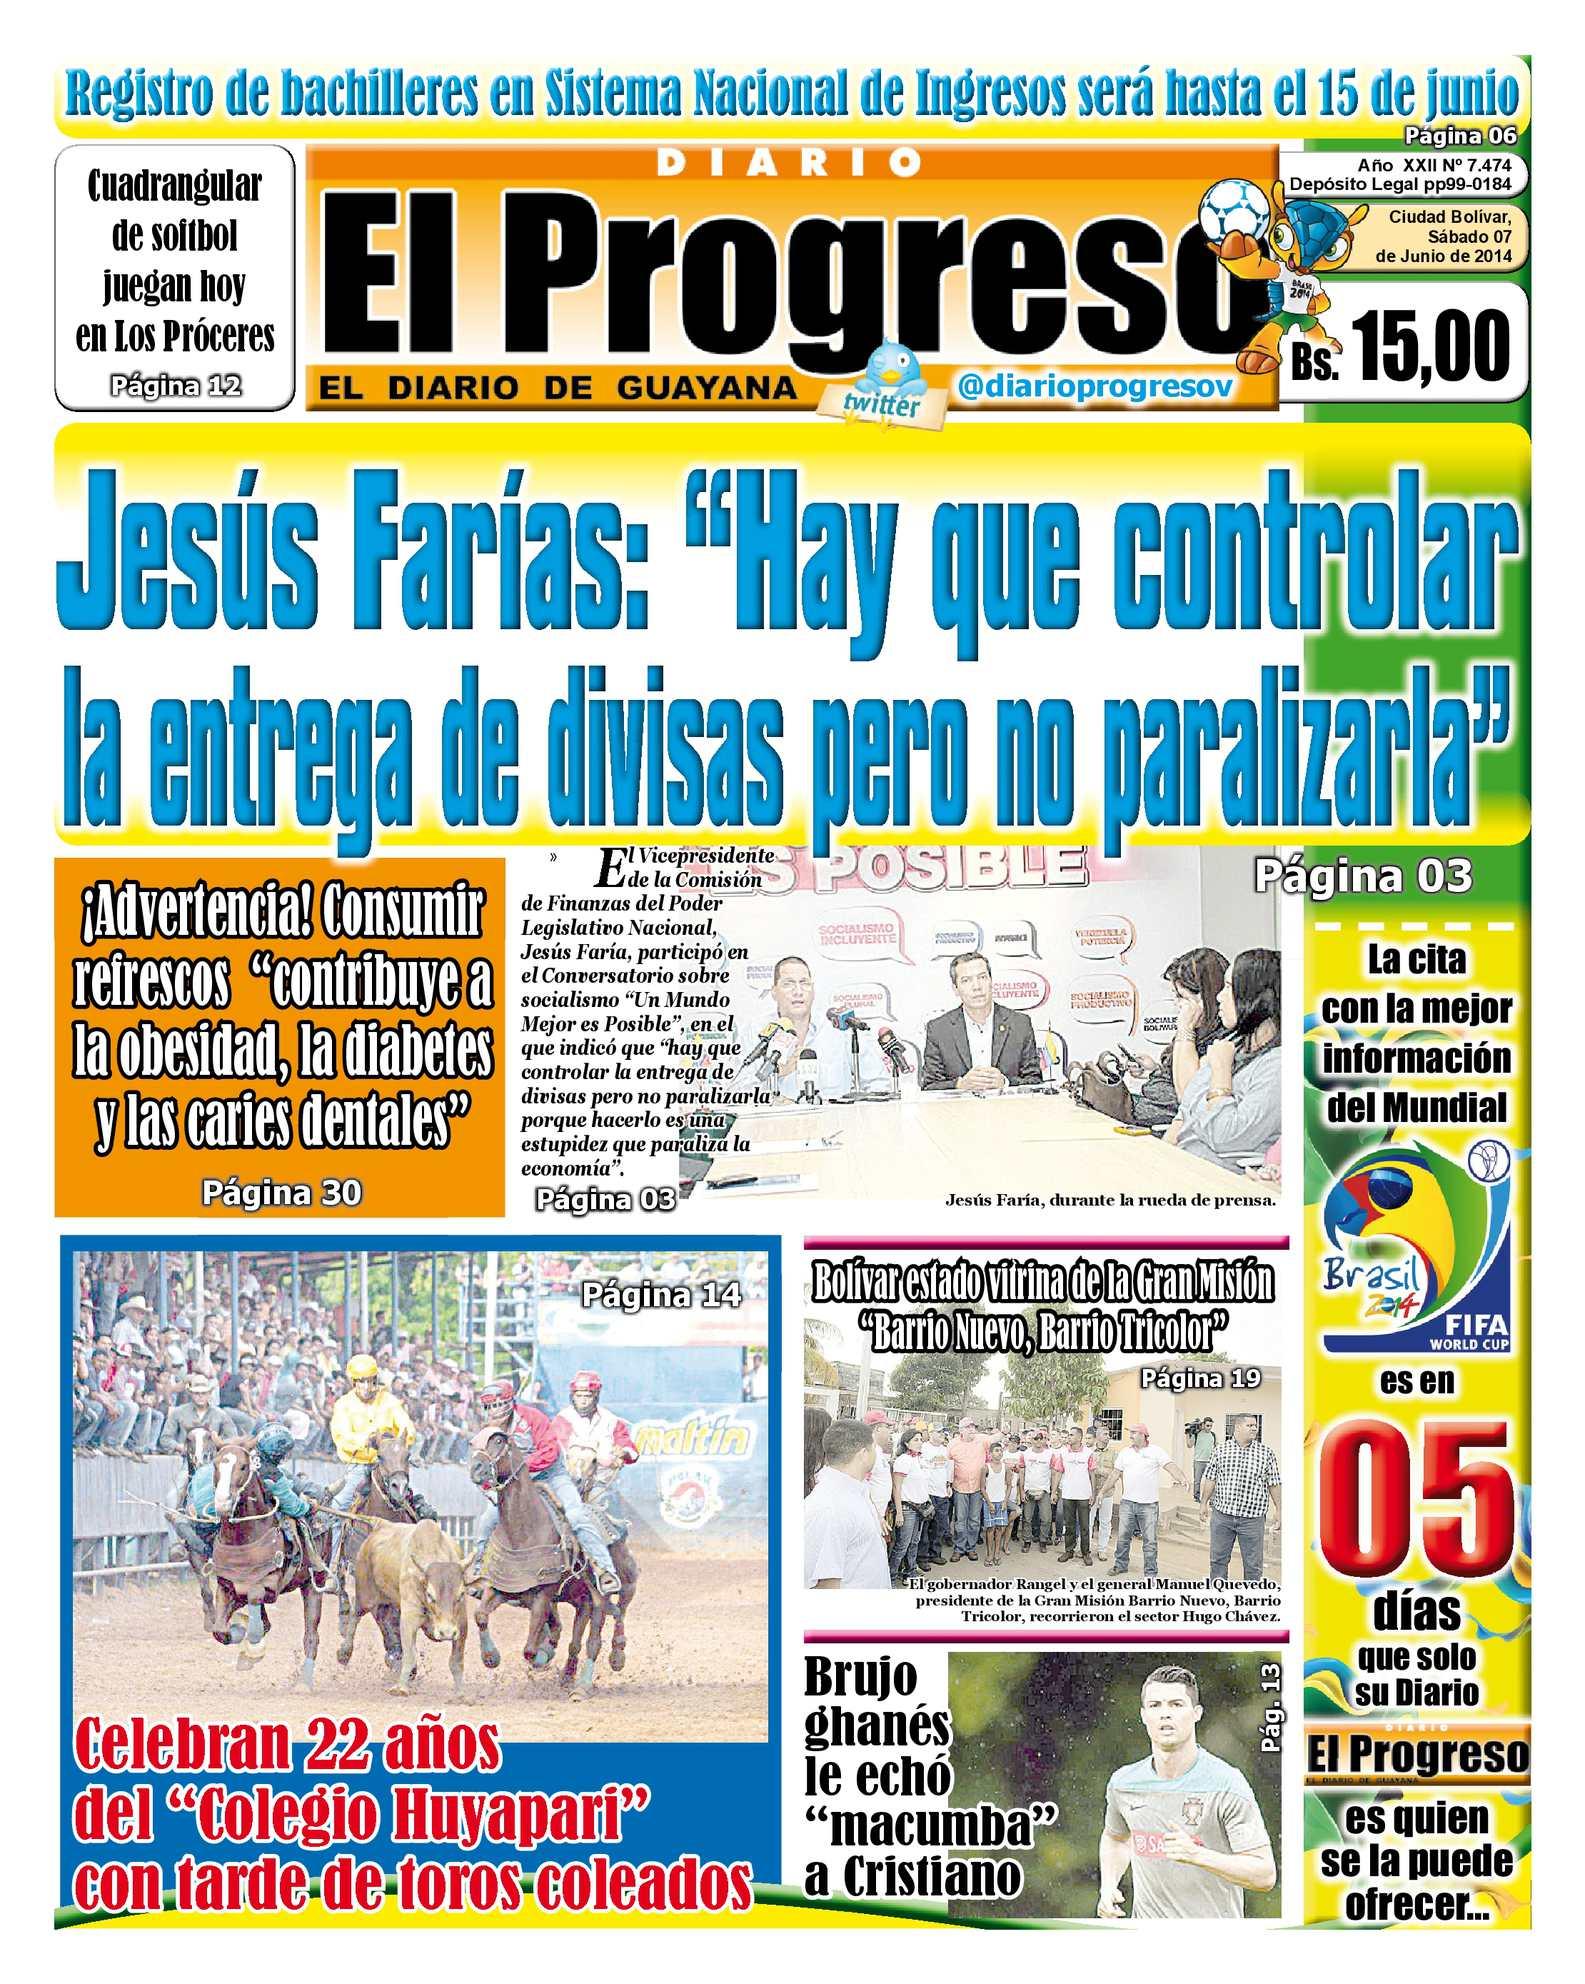 Calaméo - DIARIO EL PROGRESO EDICIÓN DIGITAL 07-06-2014